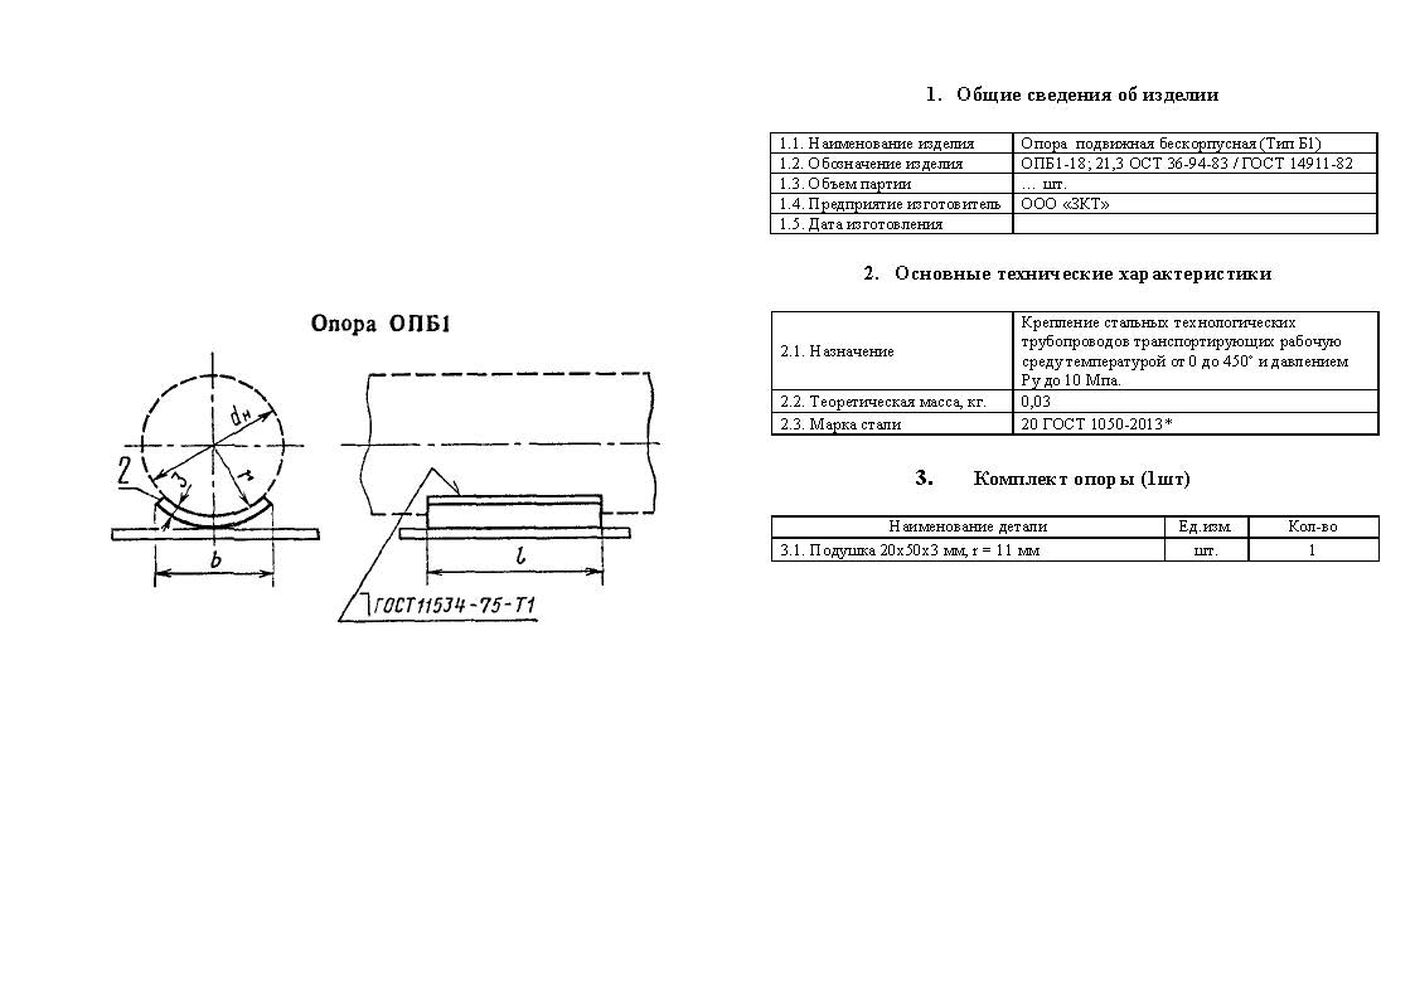 Паспорт Опора ОПБ1-18; 21,3 ОСТ 36-94-83; ГОСТ 14911-82 стр.2